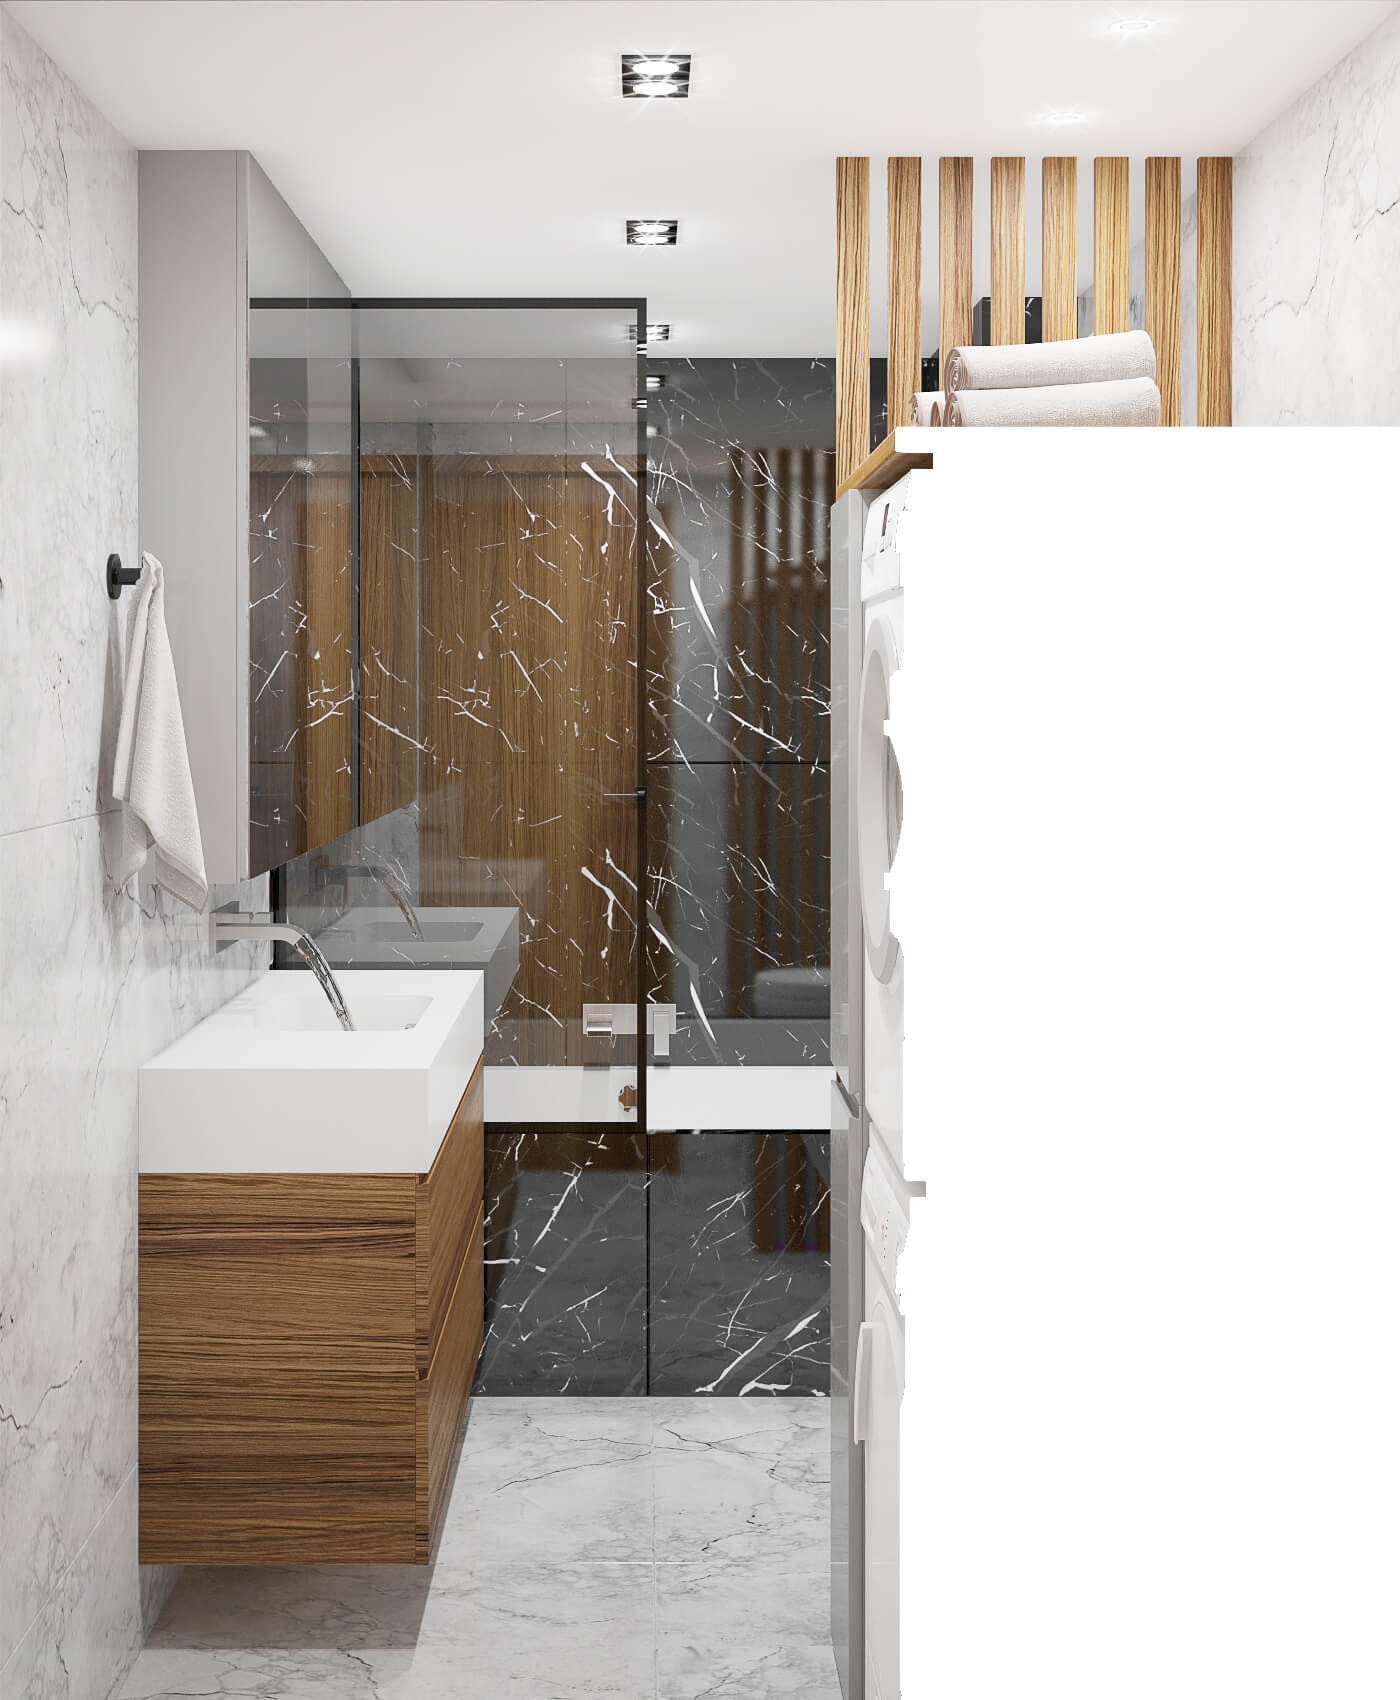 Α3 BathΑ3 Bathroom 02_20201008room 02_20201008